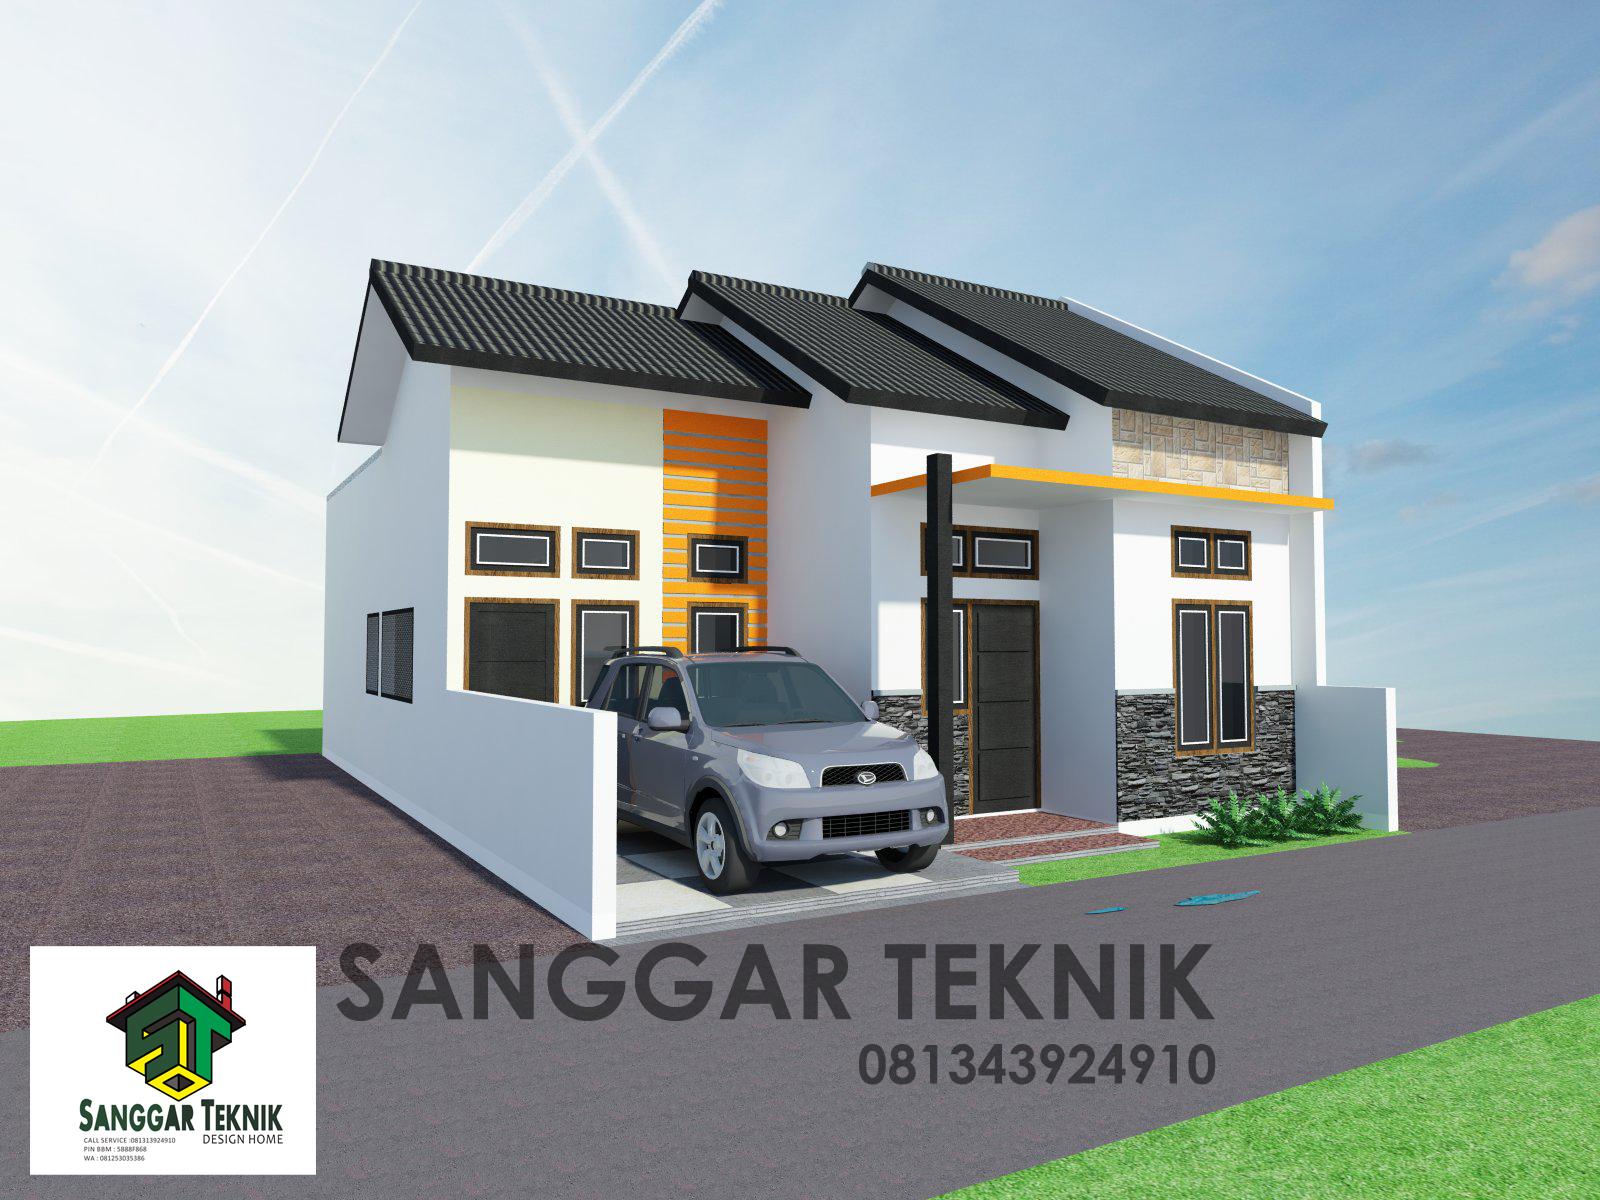 Desain Rumah Minimalis Ukuran 9x9 | Rumahminimalis44